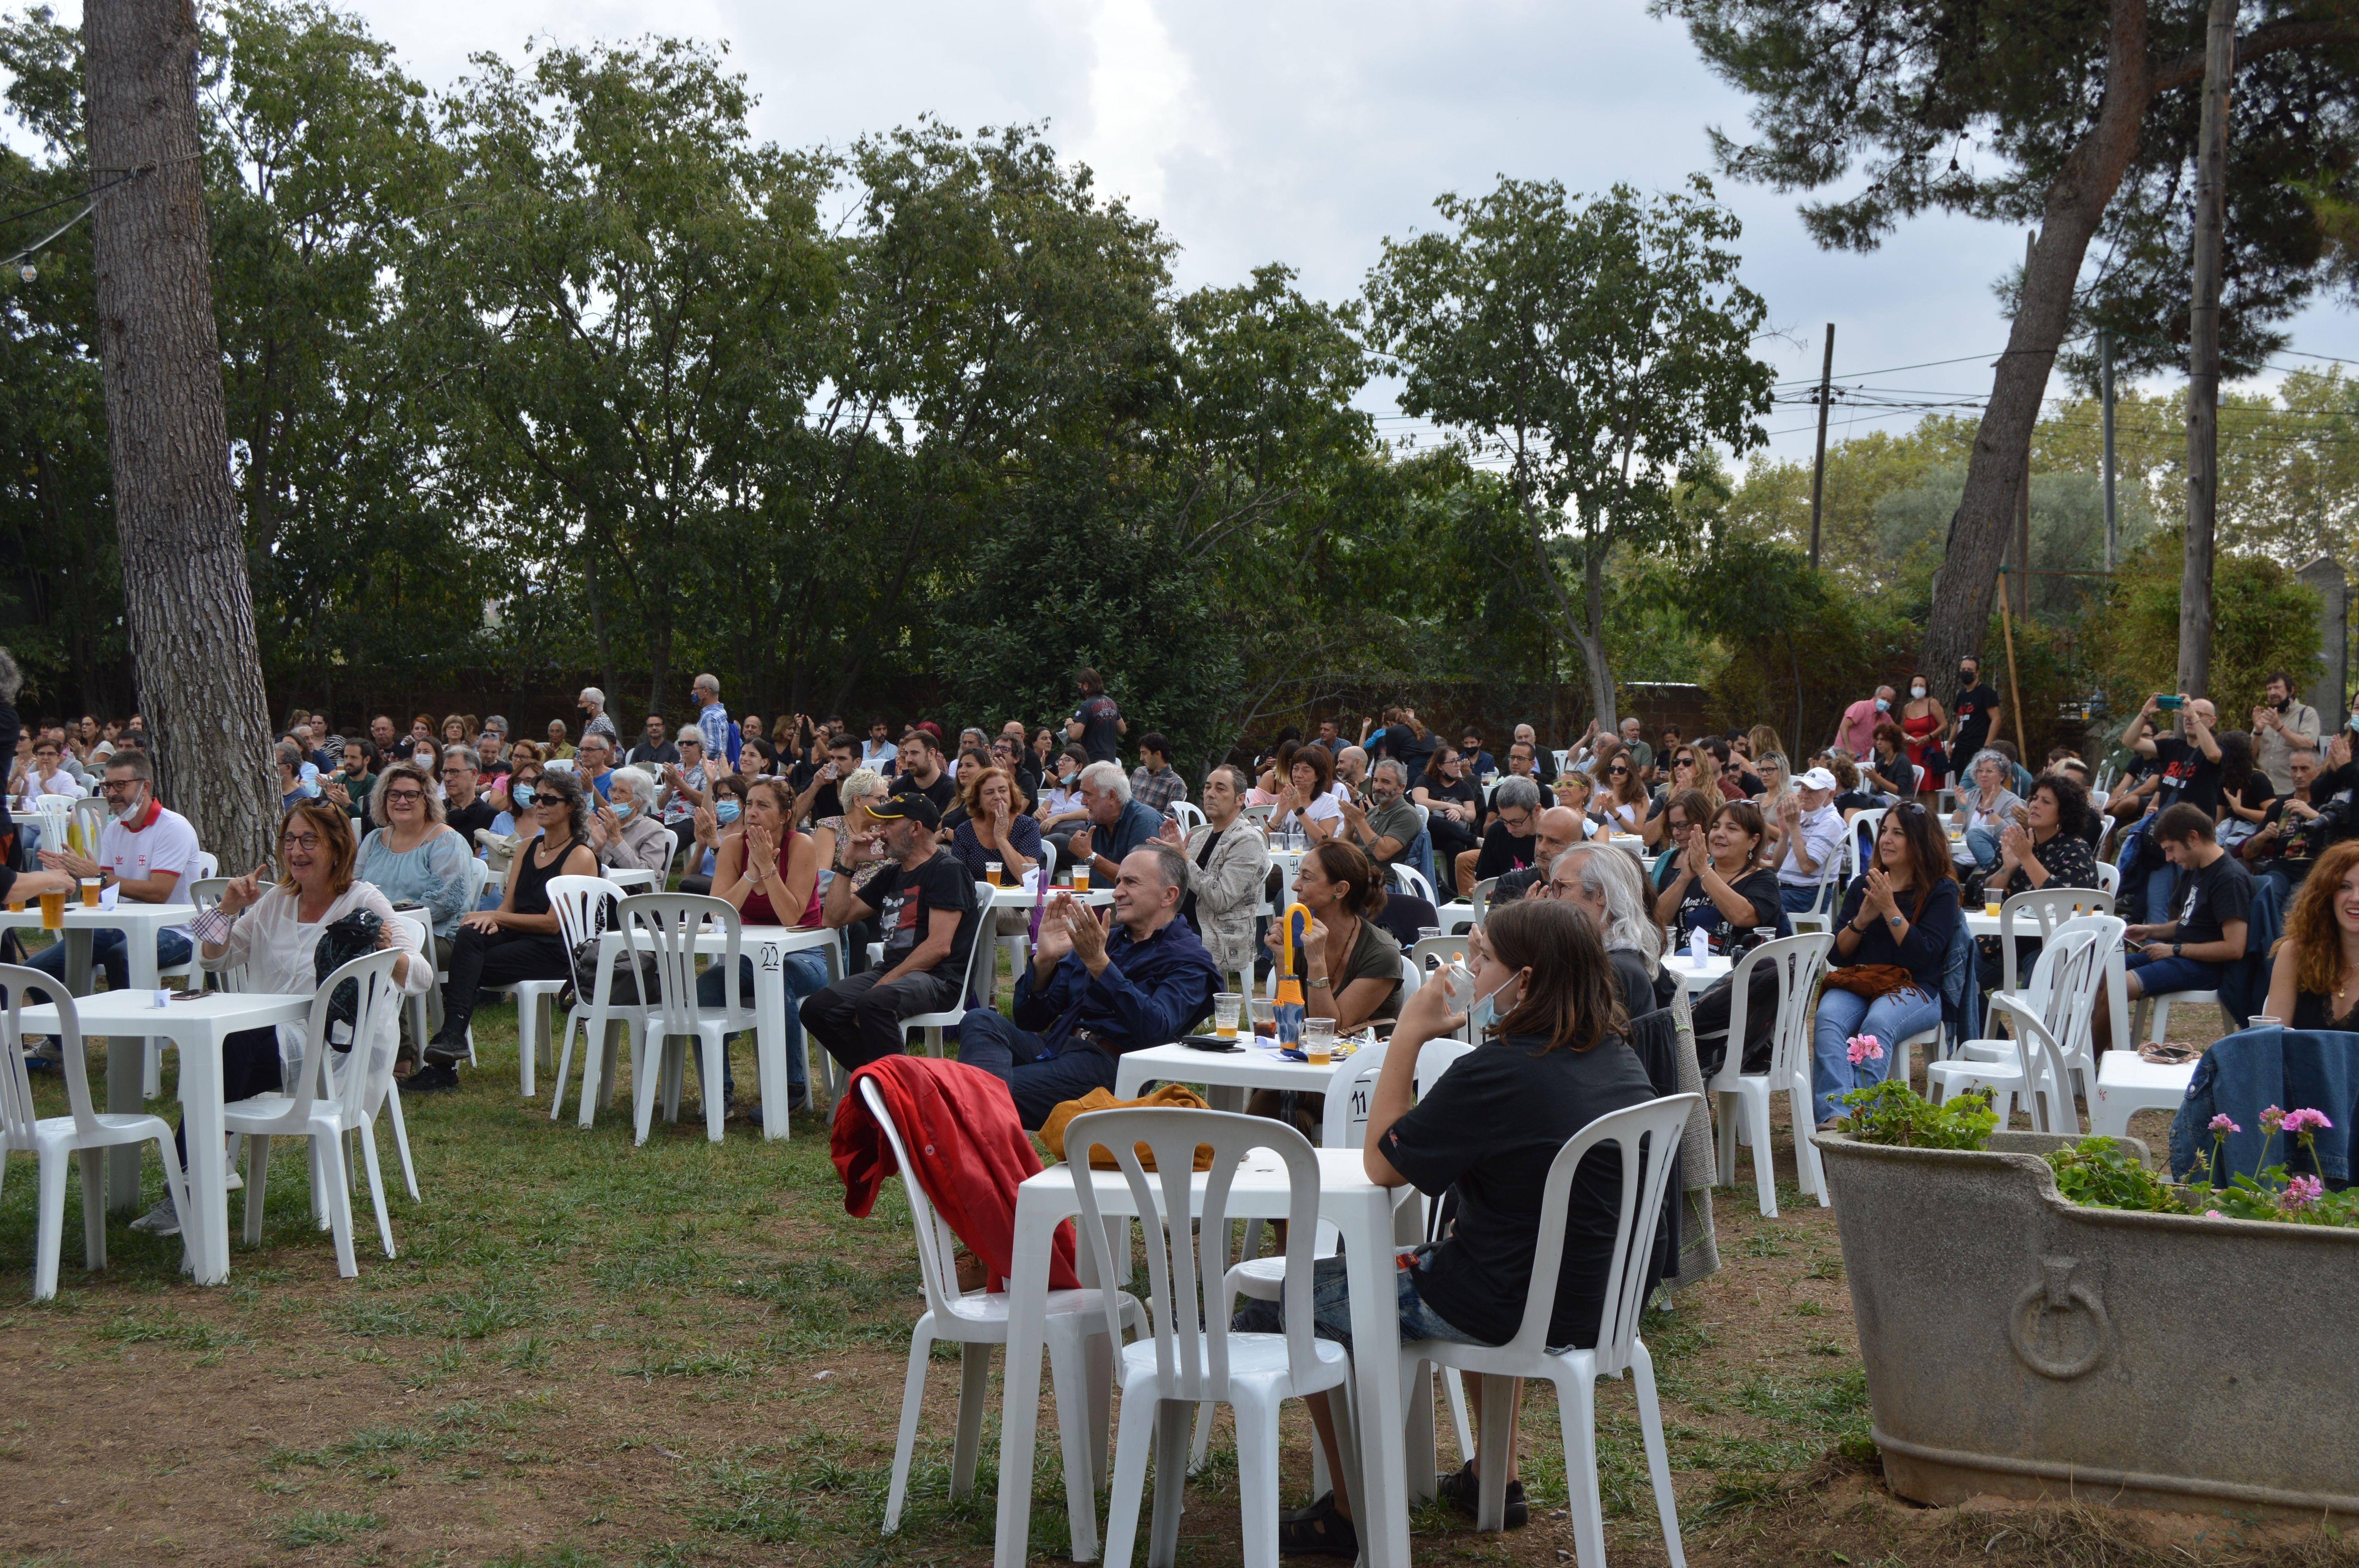 Públic al concert de Izo Fitroy el matí de diumenge a Can Cordelles. FOTO: Nora Muñoz